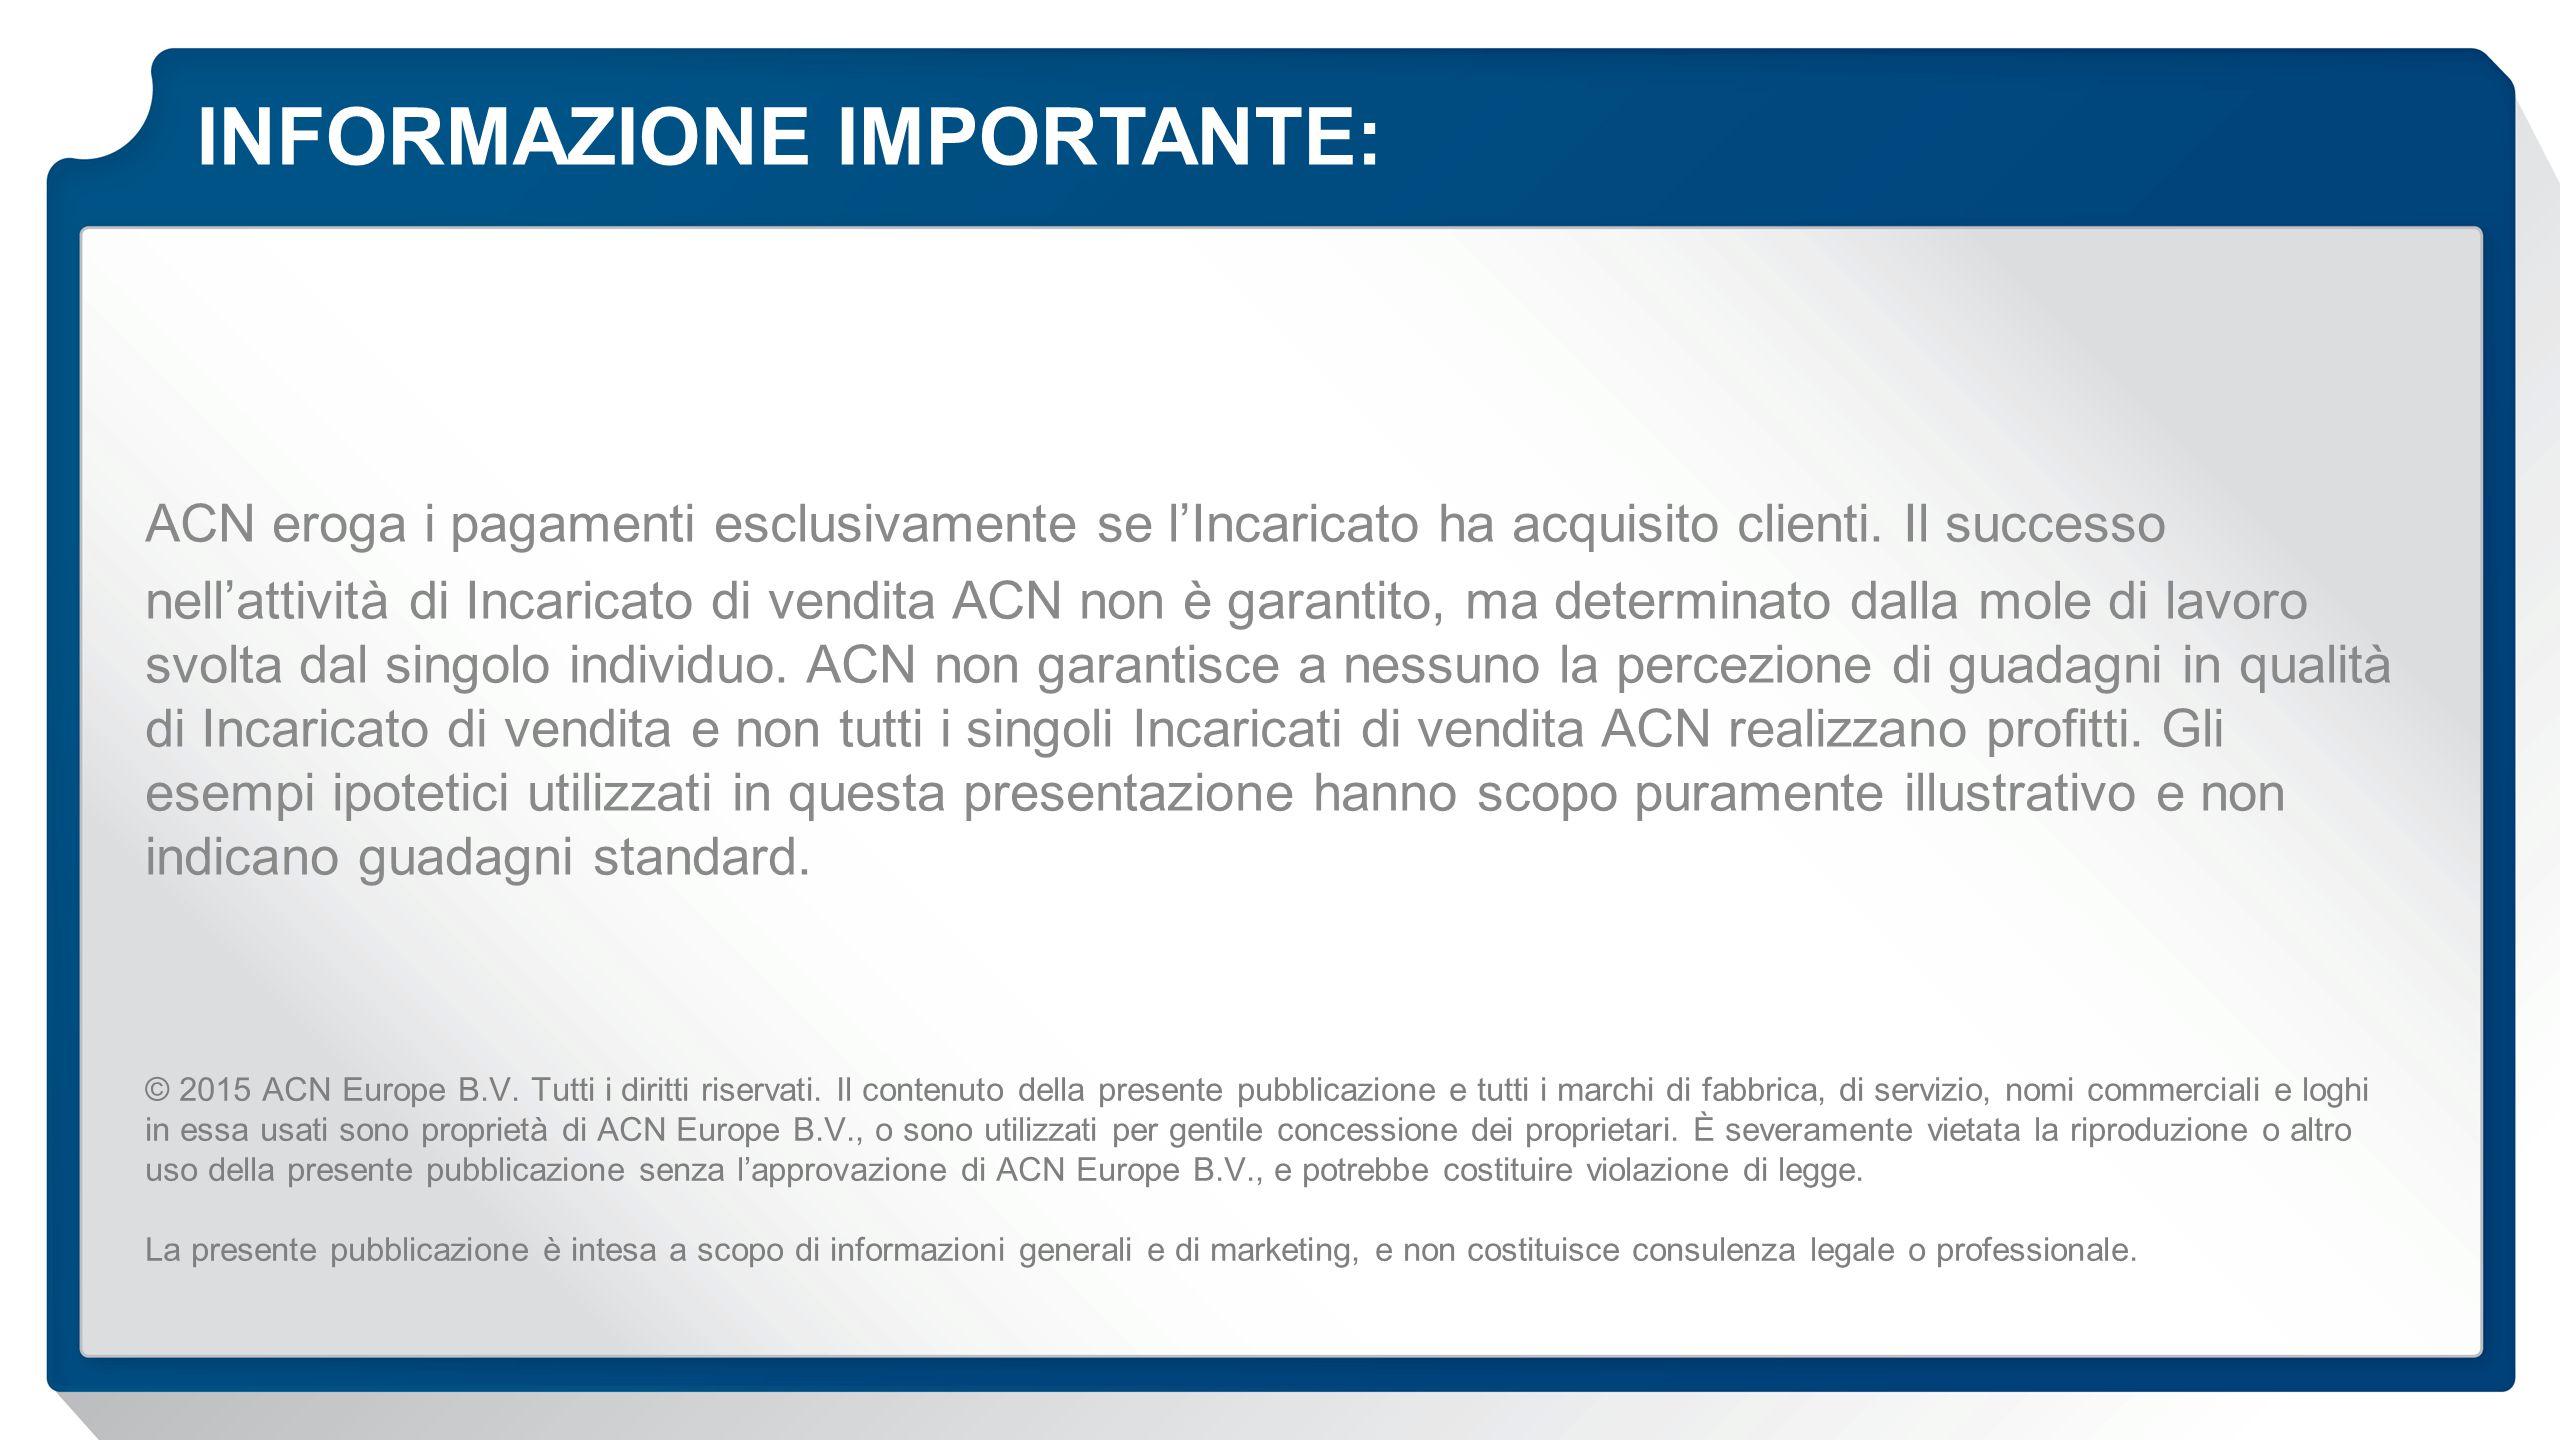 INFORMAZIONE IMPORTANTE: ACN eroga i pagamenti esclusivamente se l'Incaricato ha acquisito clienti.